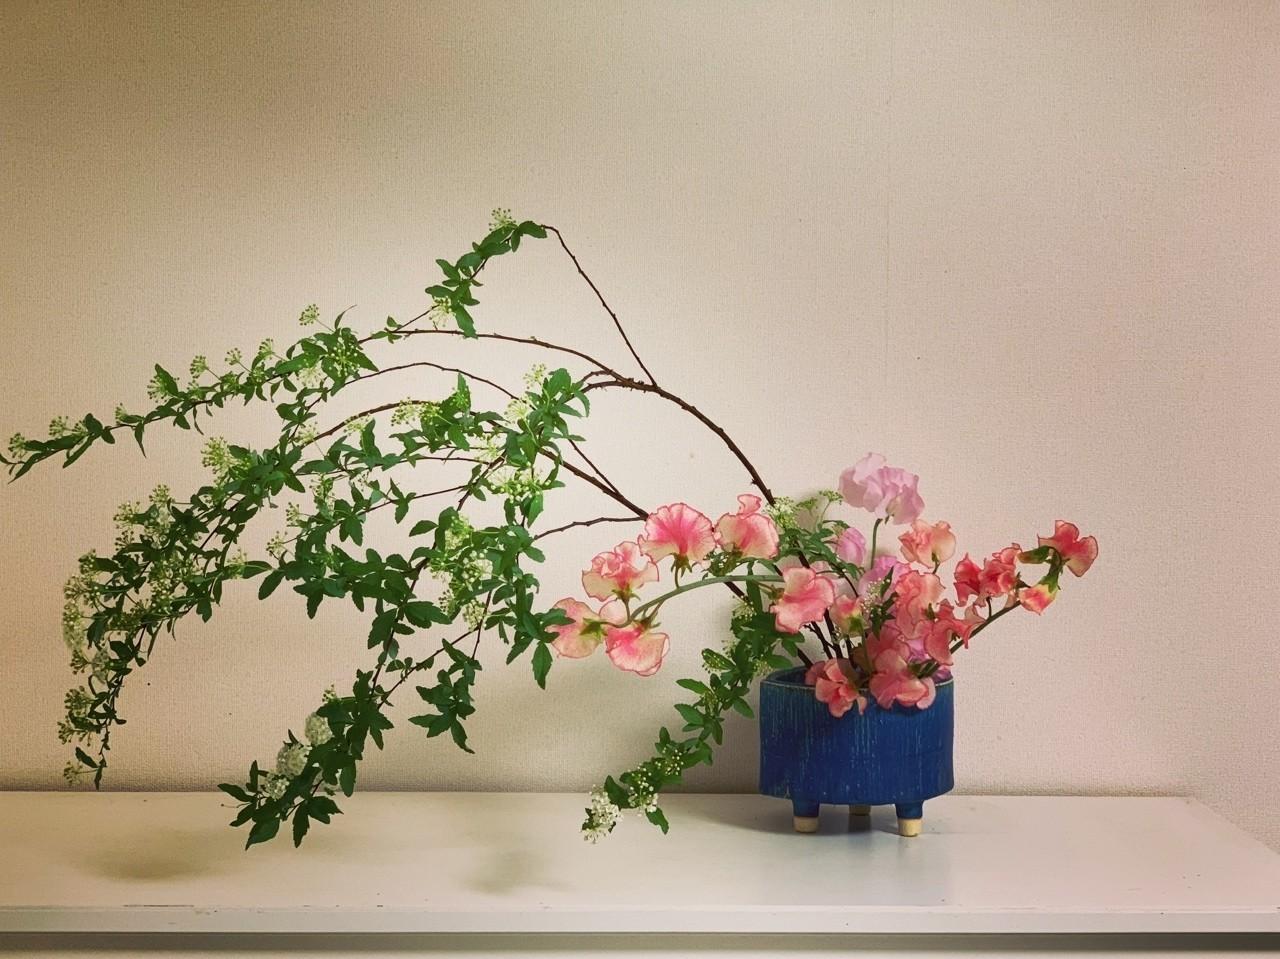 器と床面を意識して  華道では器を作品の出発点として意識して生けるが、その意識を器だけでなく床面全体に広げることも大切。  器の置いてある床面全体もまた「花器」だと意識して、床全体から湧き上がってくるような構成を考える。  #華道 #いけばな #生け花 #草月 #草月流 #花 #植物 #アート #デザイン #いけばな男子#花のある暮らし